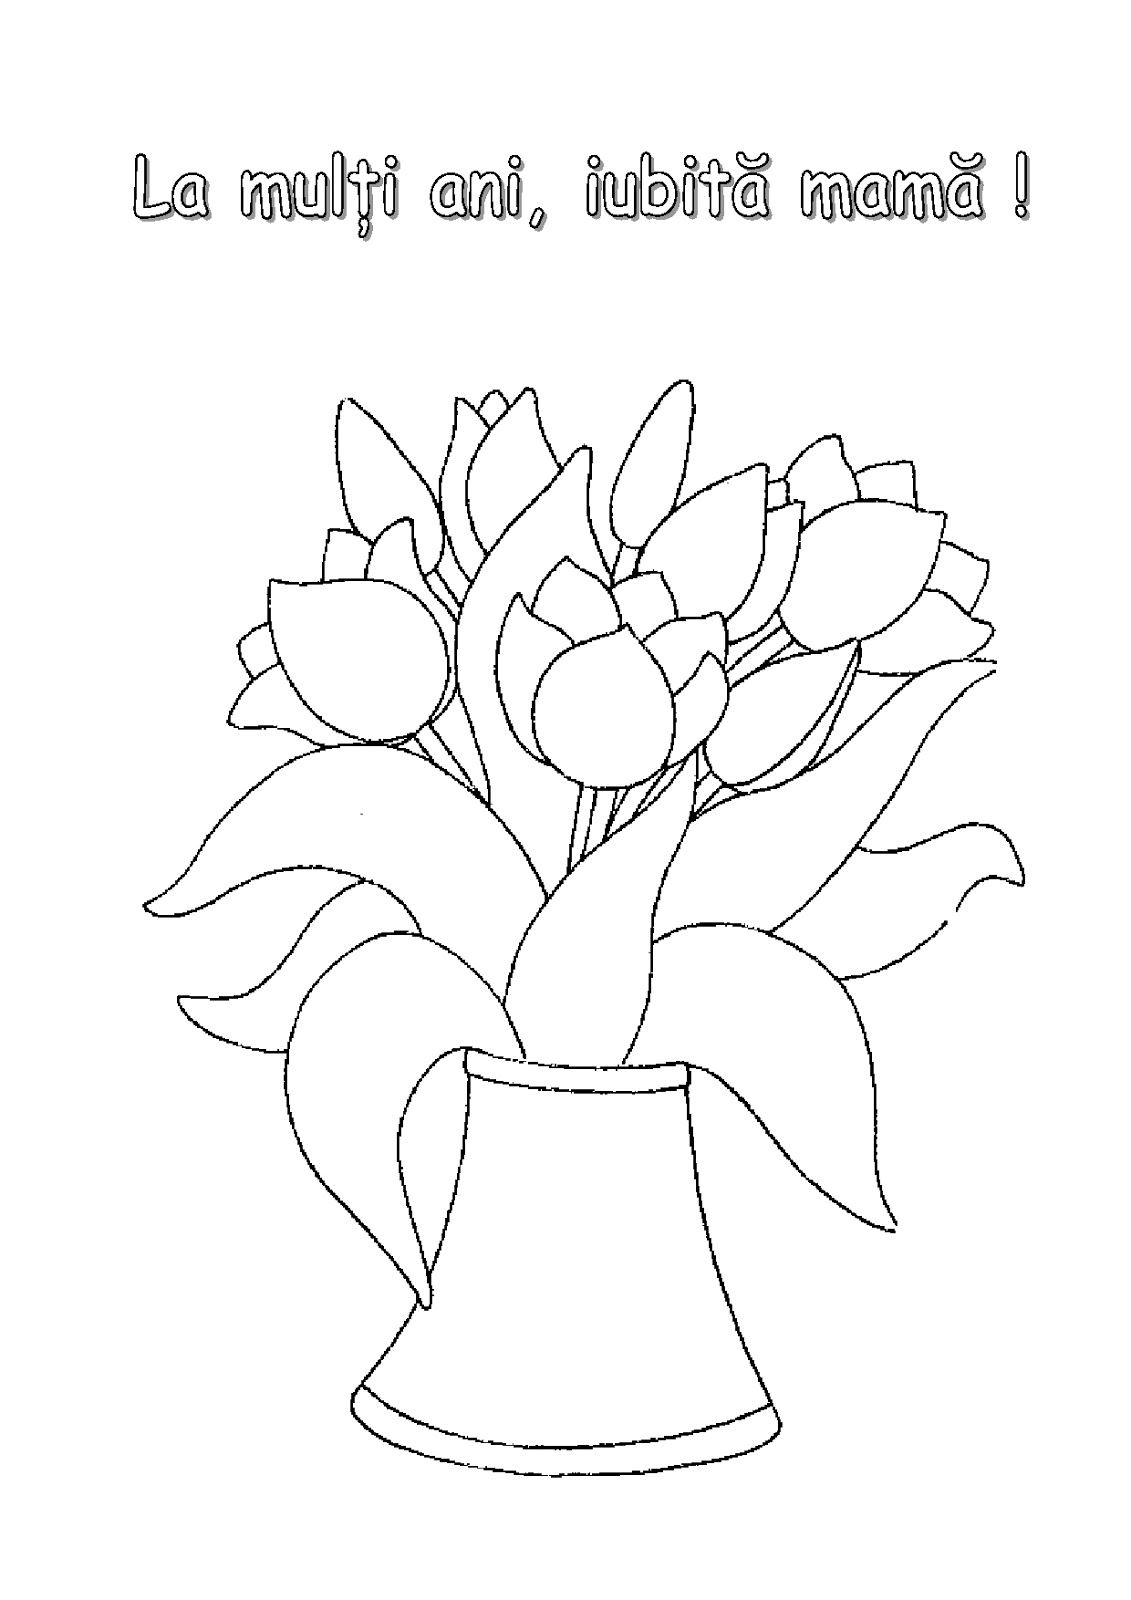 De Flori Pentru Mamici Daca Doriti Si Alte Imagini Cu Flori Gasiti